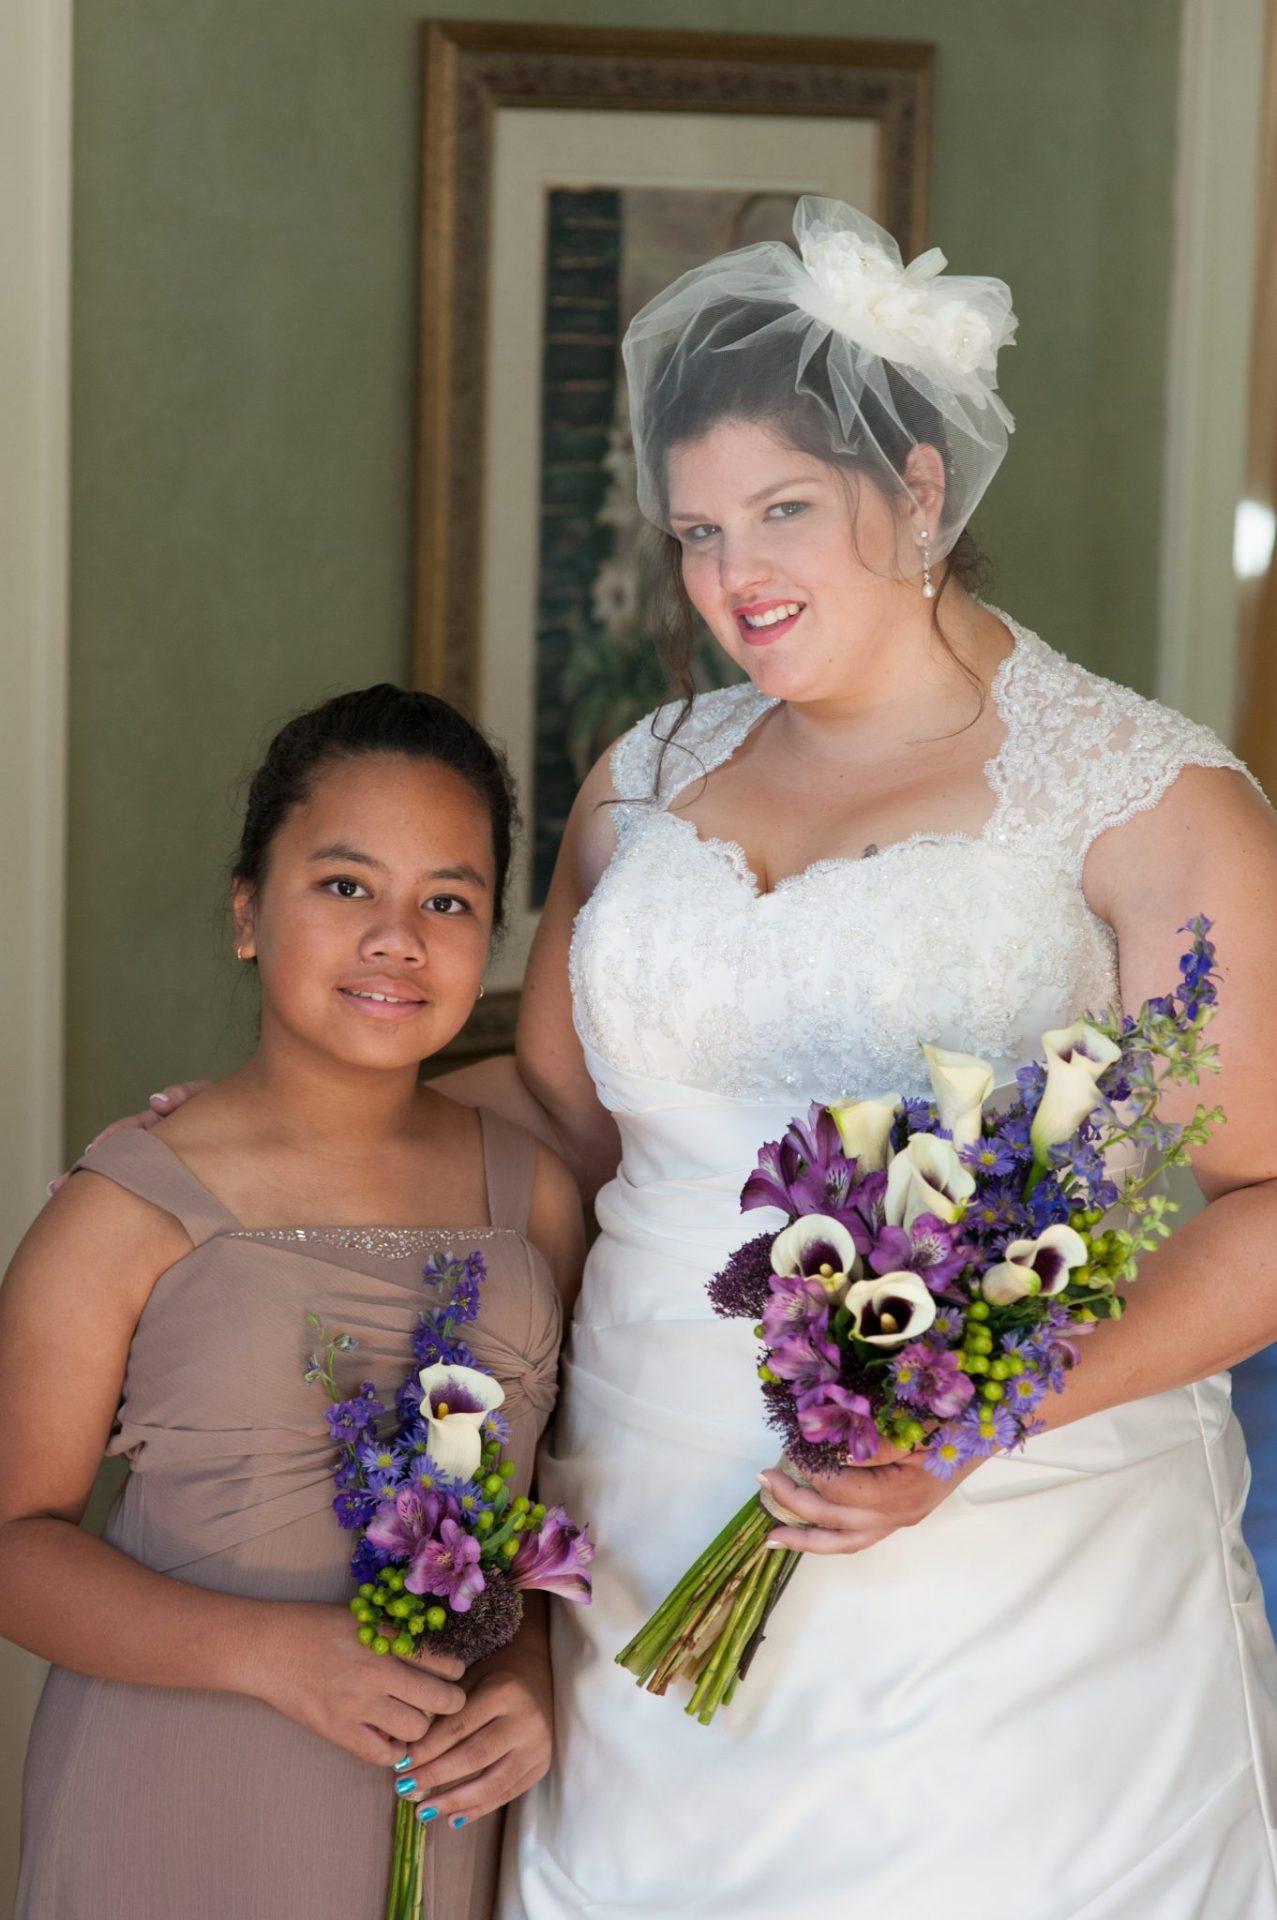 Garden style arm bouquet of lavender florals.